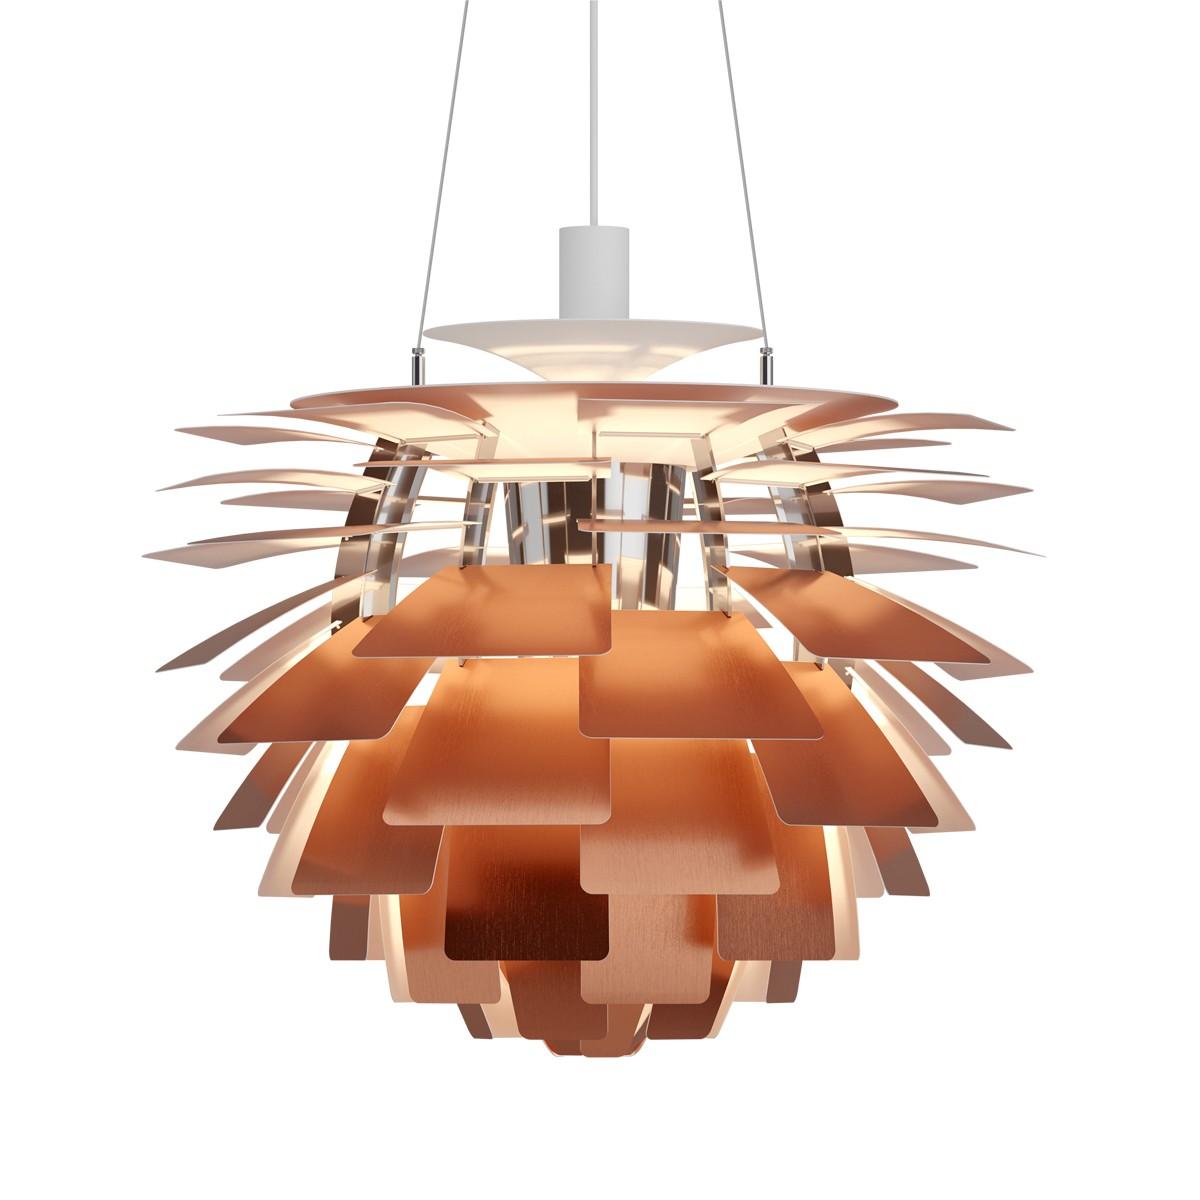 Louis Poulsen PH Artichoke LED Pendelleuchte, Ø: 60 cm, 2700 K, Kupfer